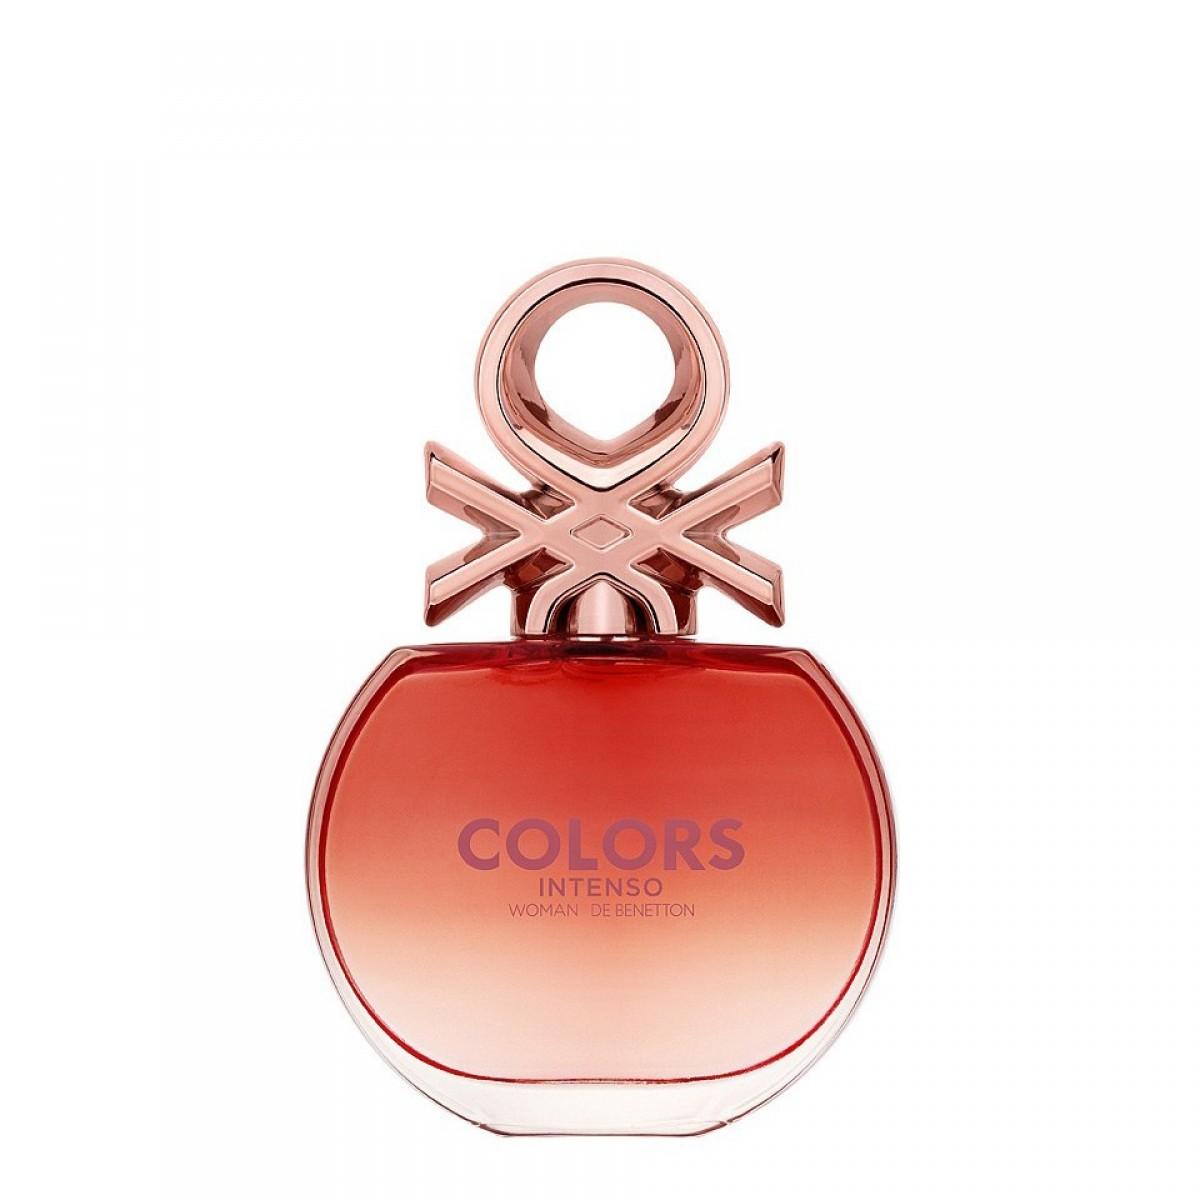 Colors Rose Intenso Eau de Parfum